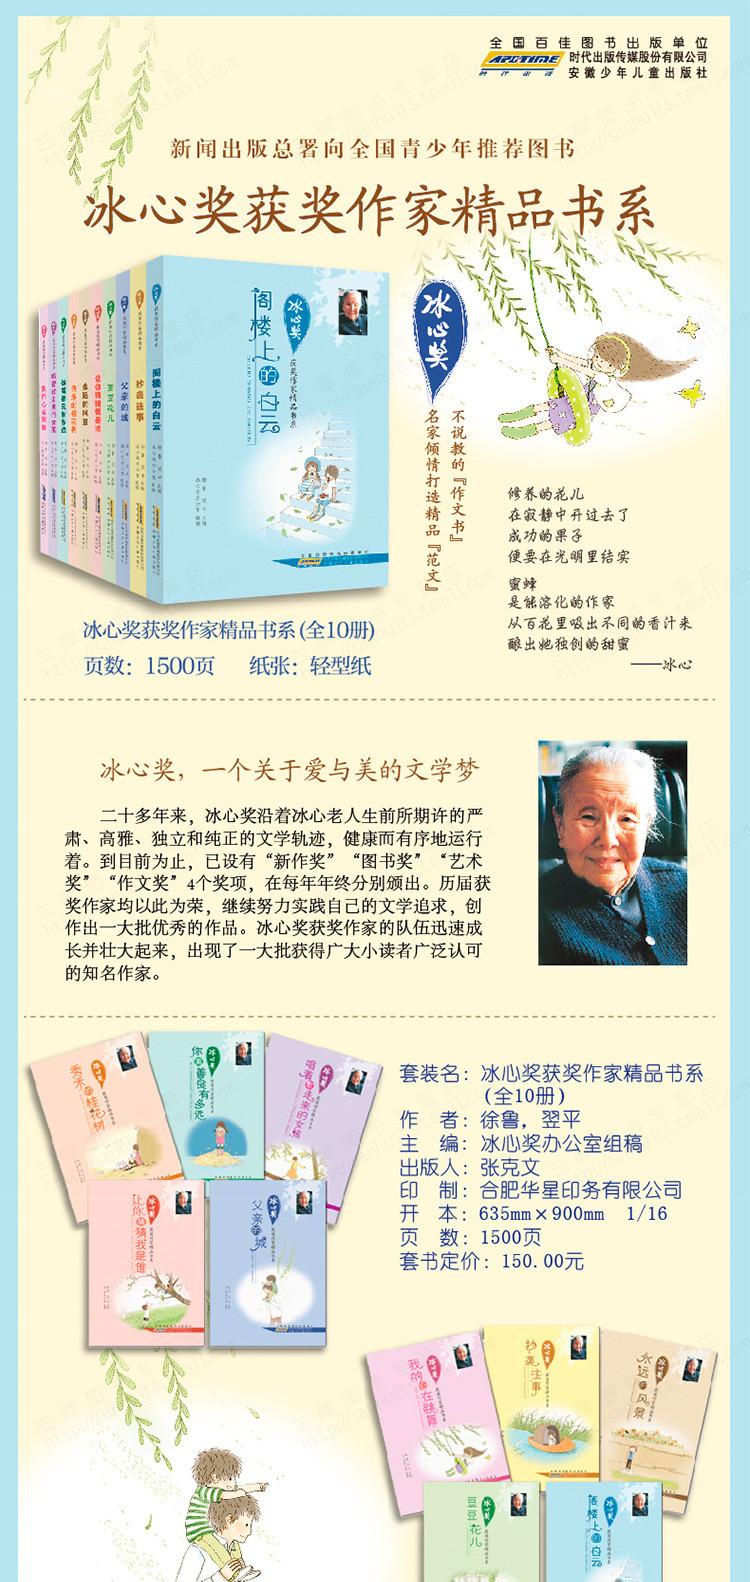 集儿童10册小说青少年正版畅销读物初中生小新课程理念初中信息技术图片